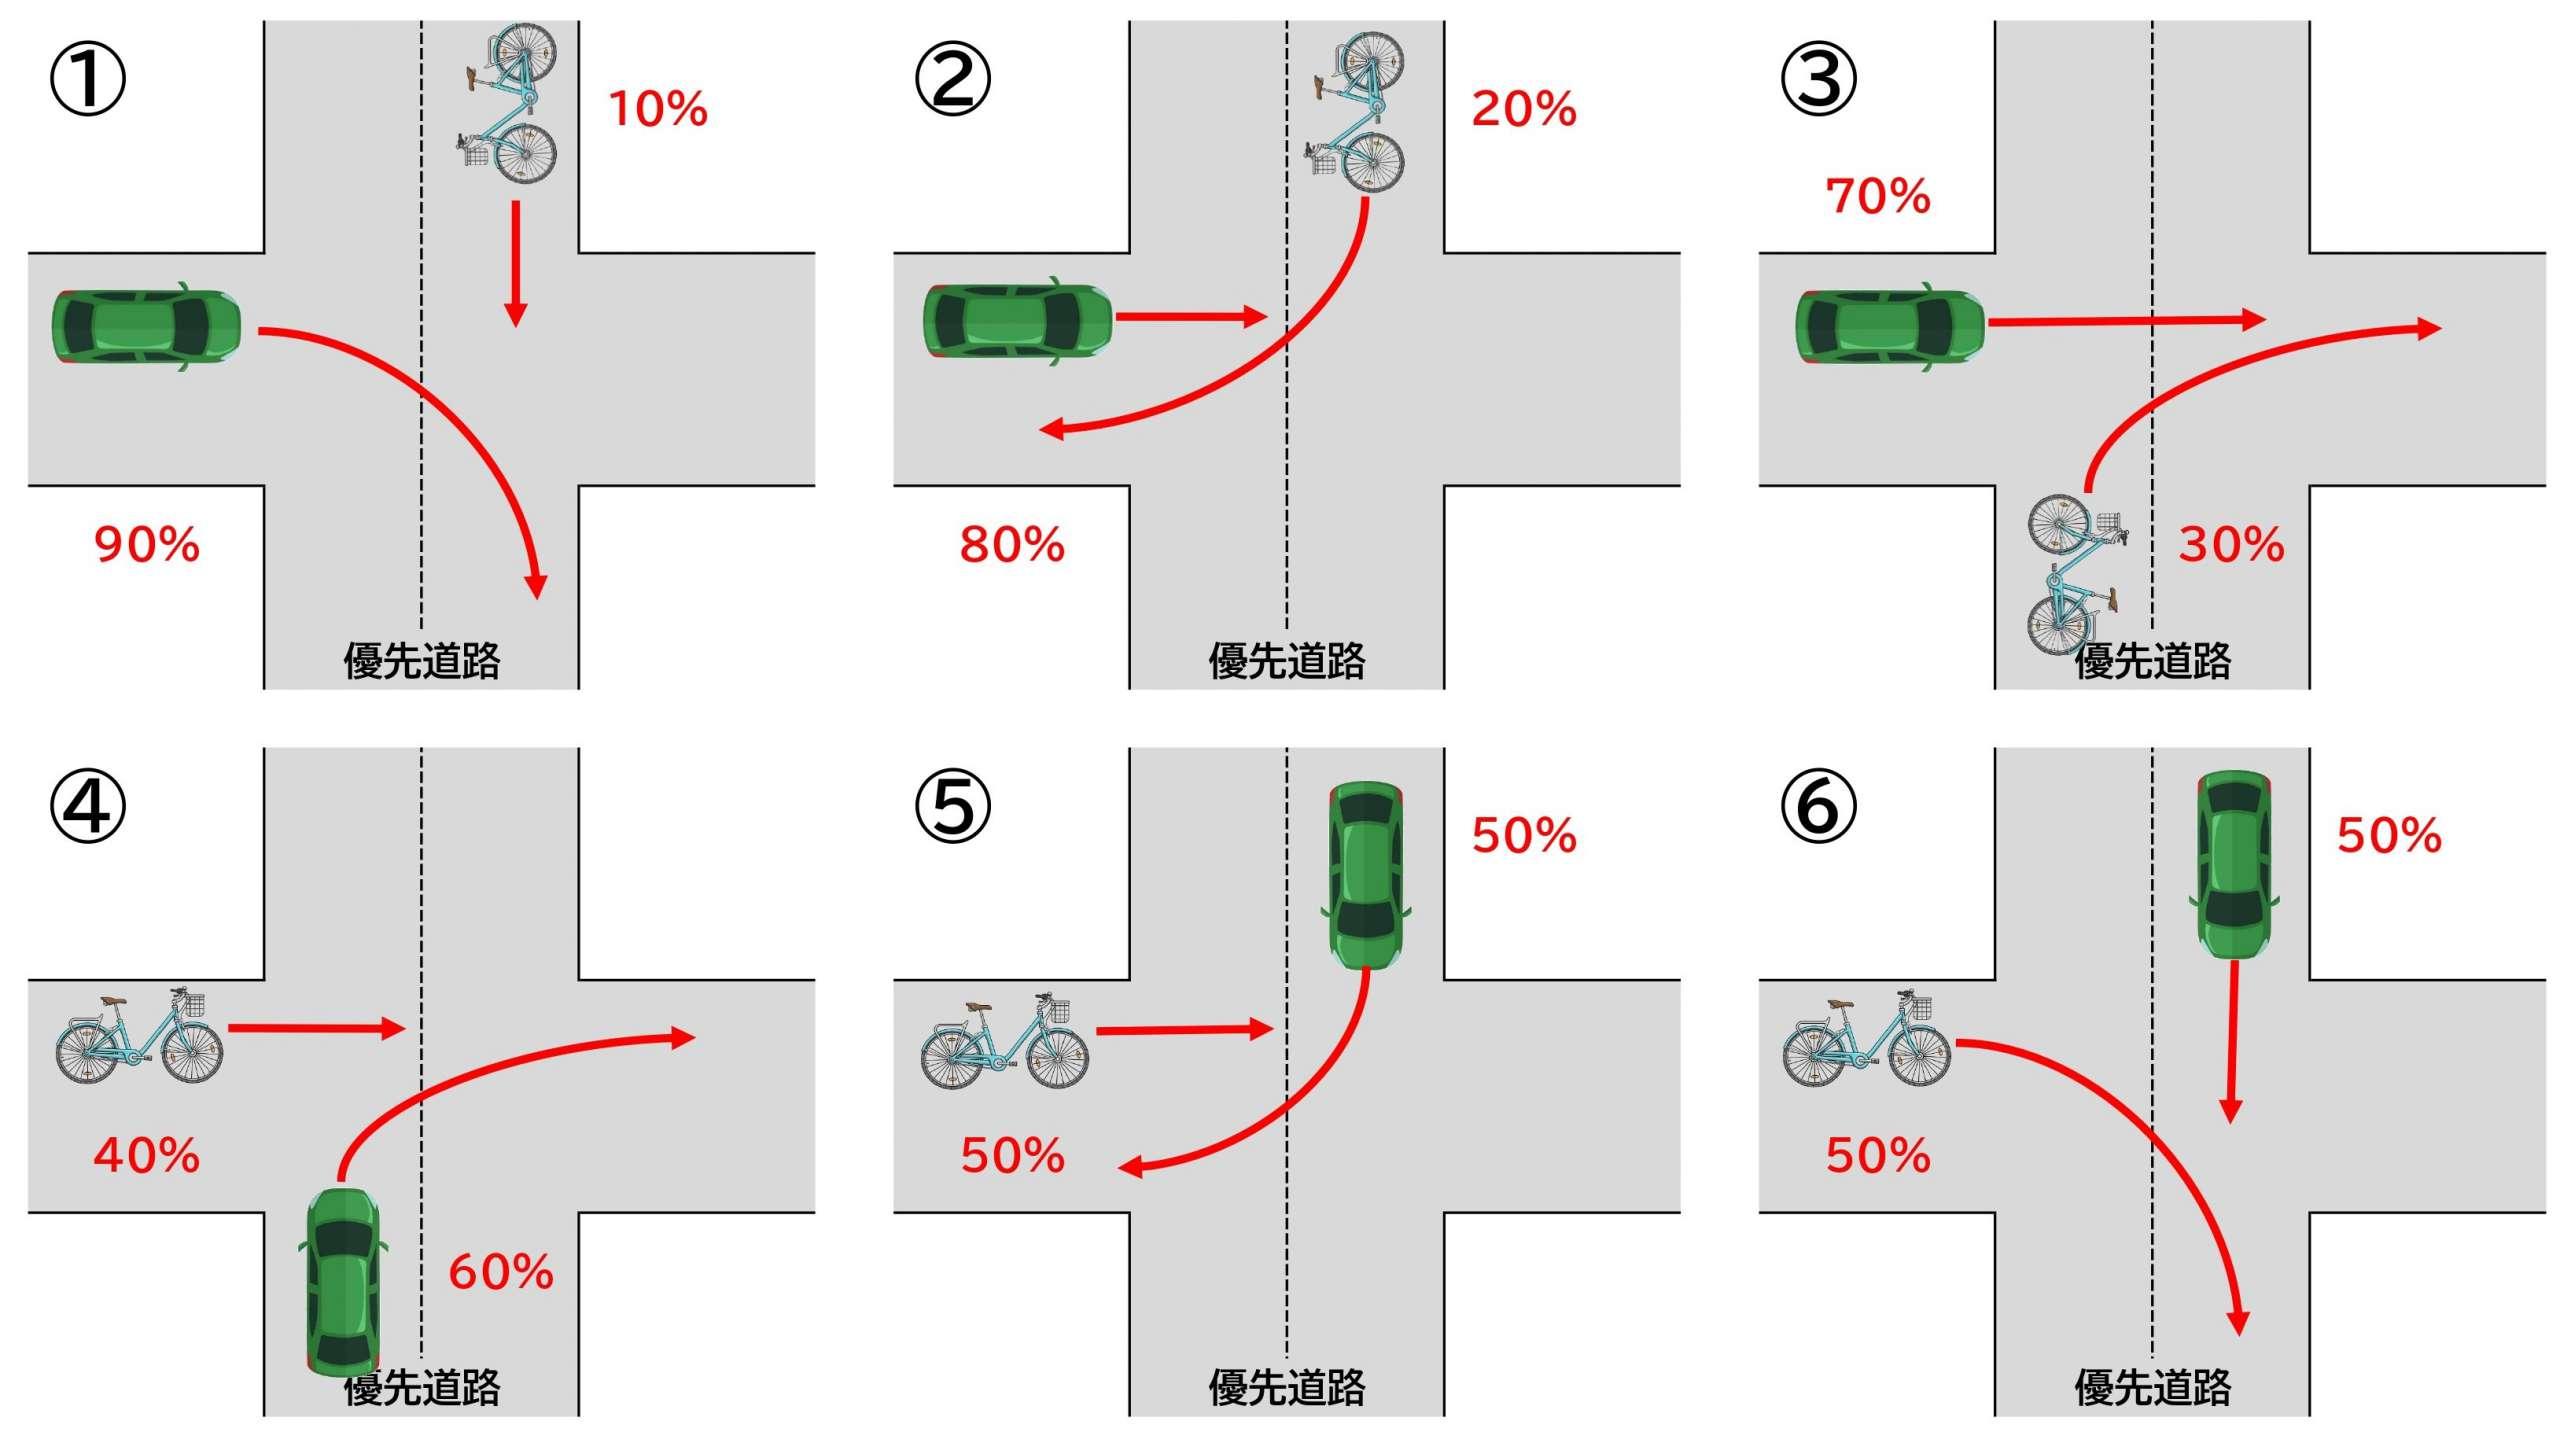 【図】自転車と車/交差点/右折と直進/交差方向/信号なし/一方が優先道路